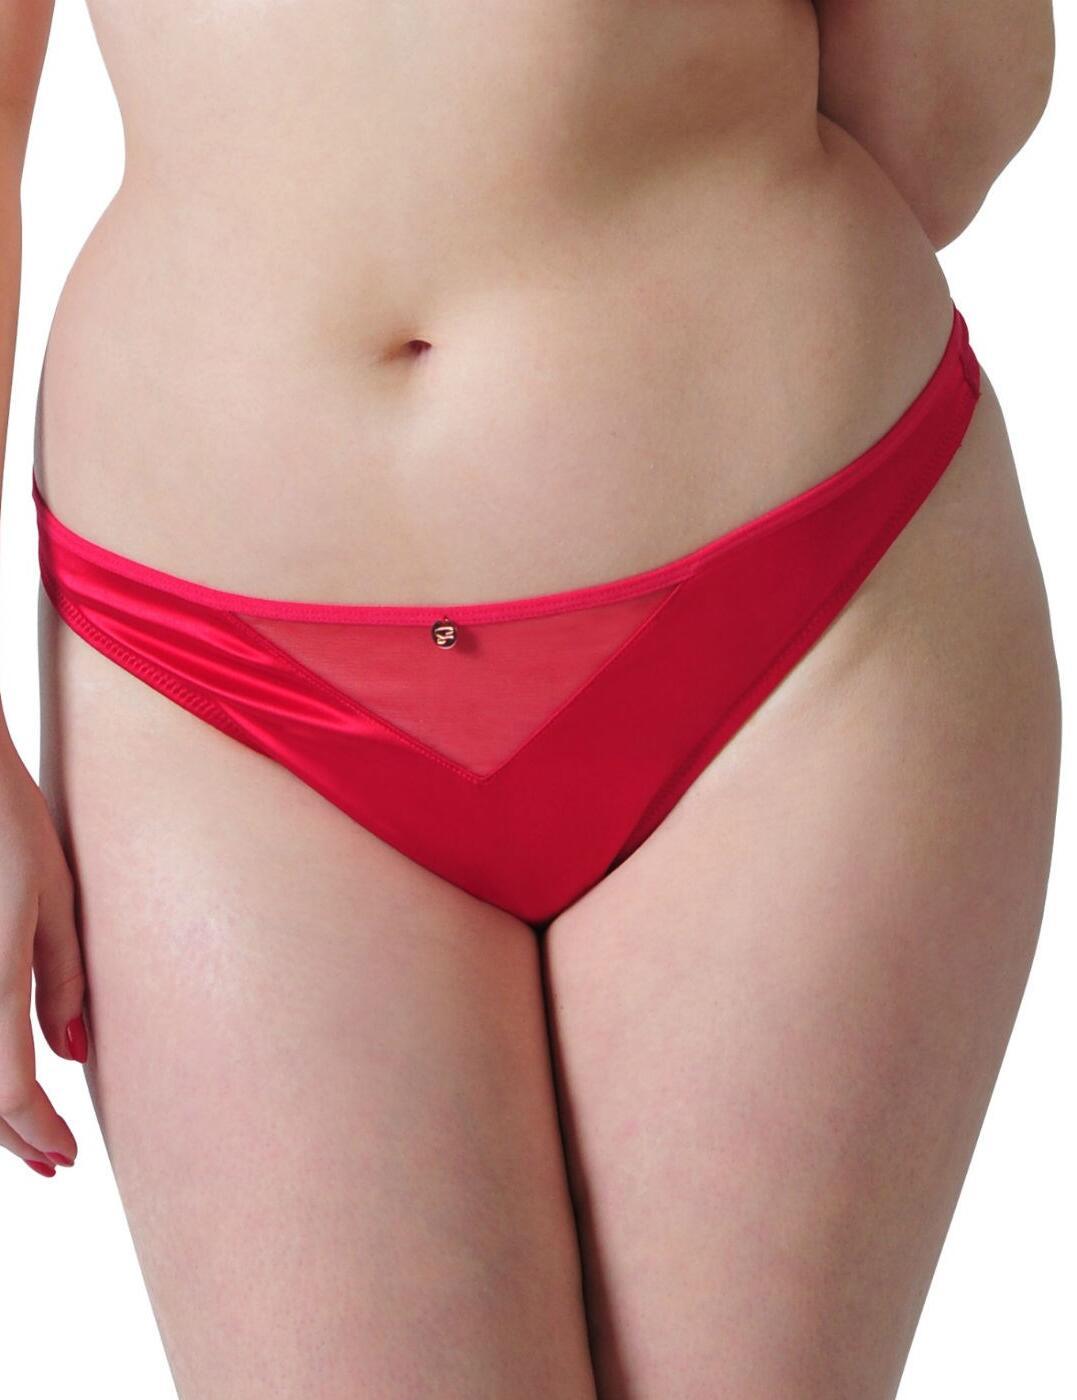 ST2302 Scantilly Peek A Boo Thong - ST2302 Crimson